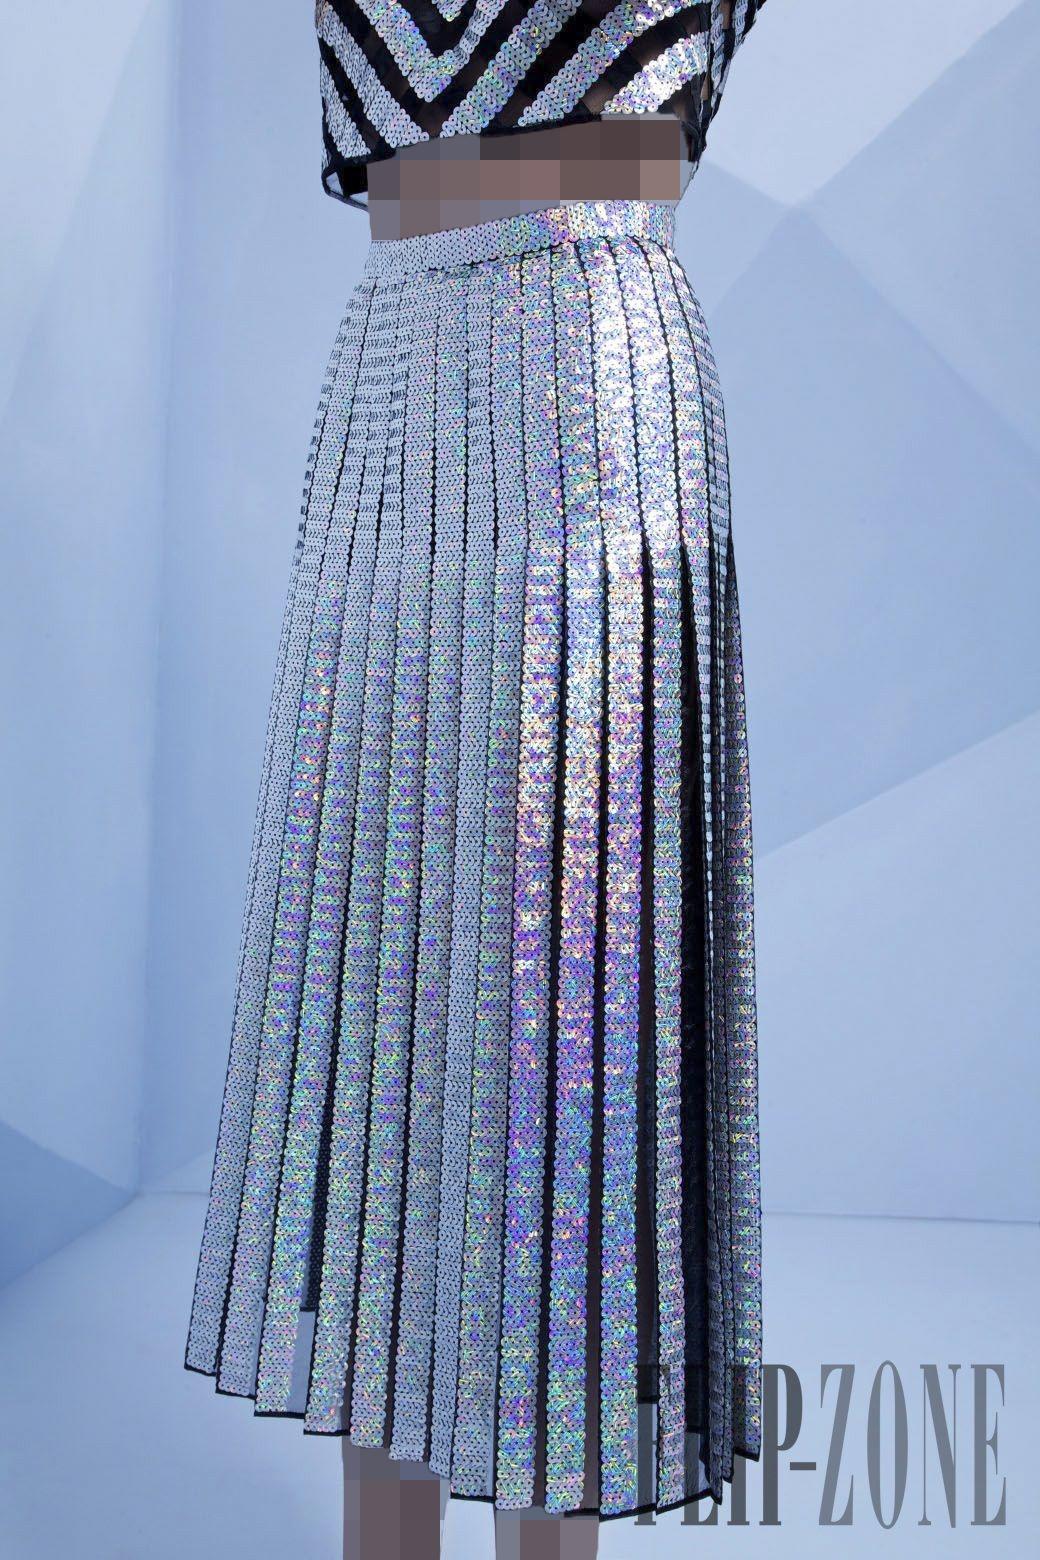 مدل کفش عروس ۲۰۱۹ (معرفی جدیدترین مدلهای کفش عروس)